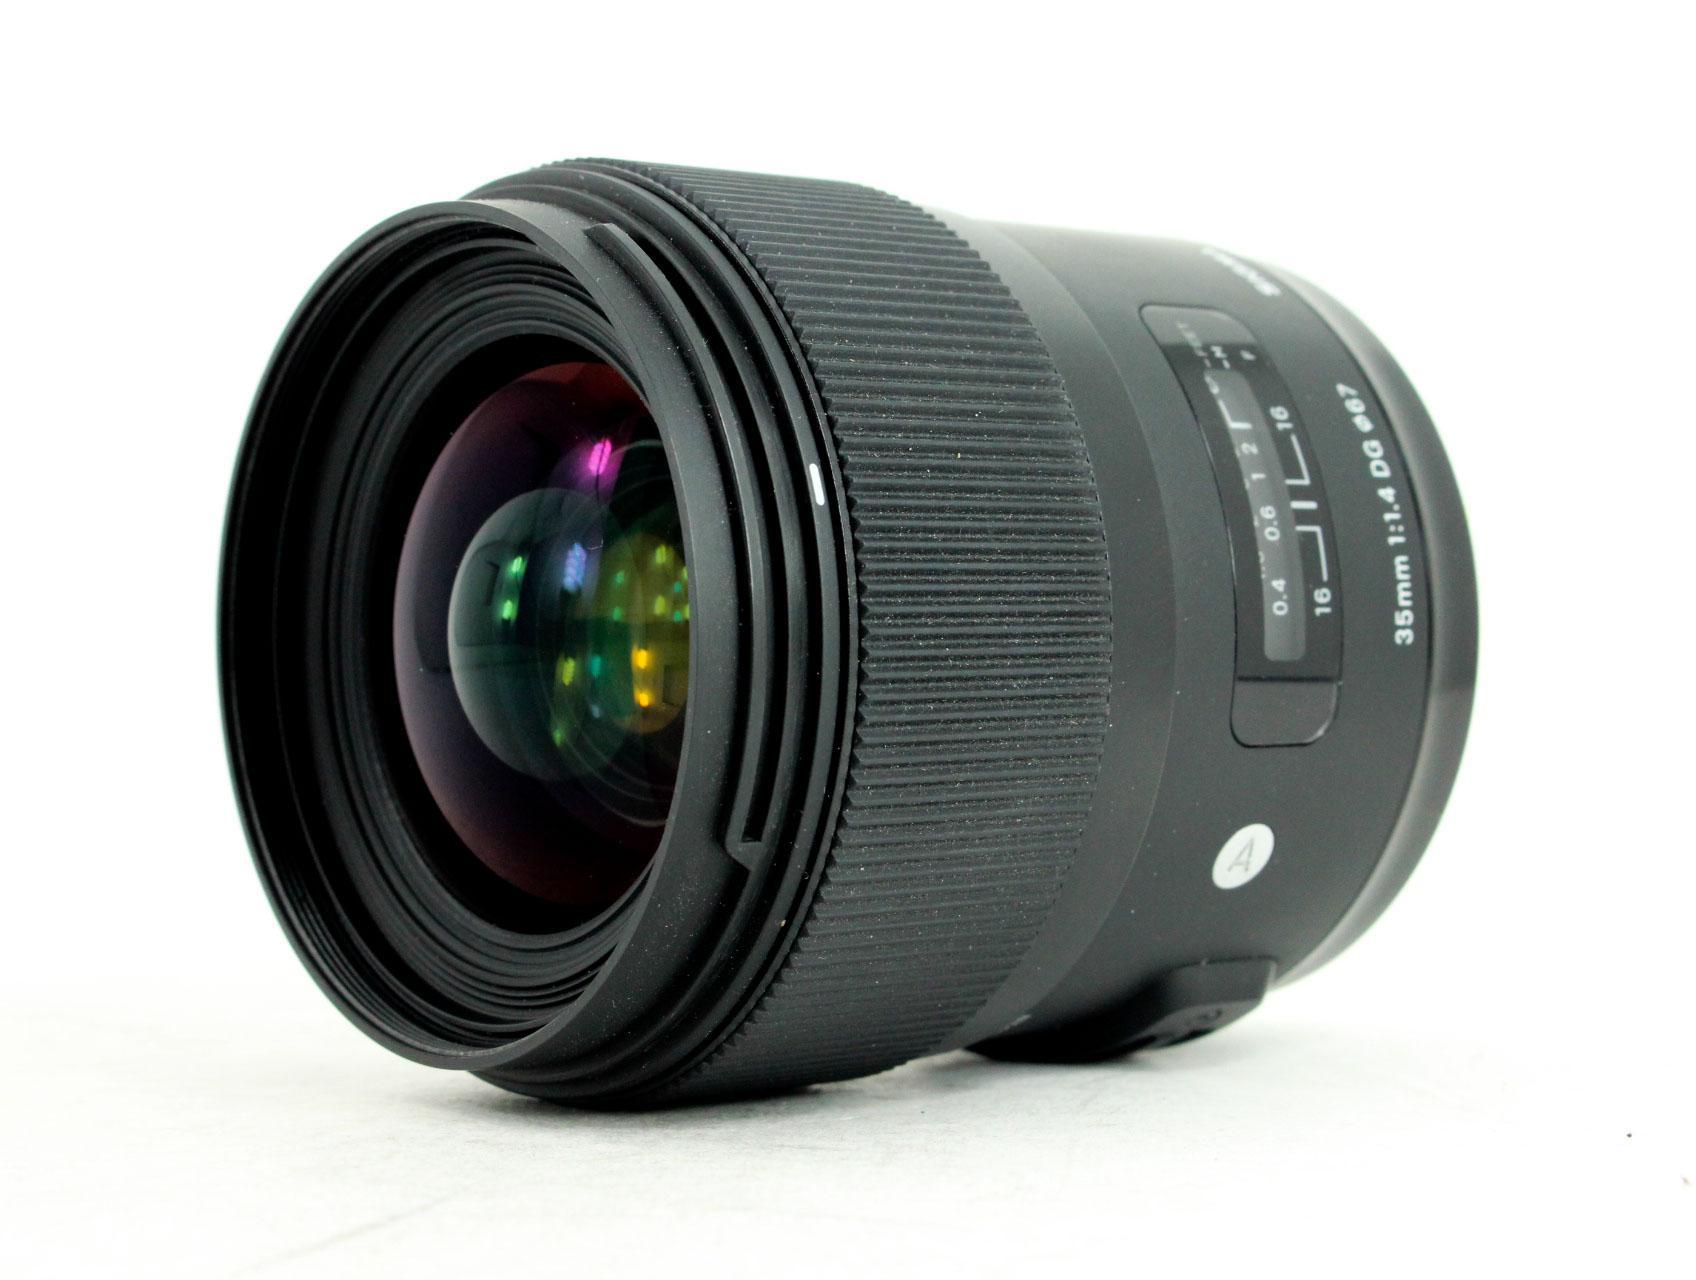 35mm vs 50mm lens image